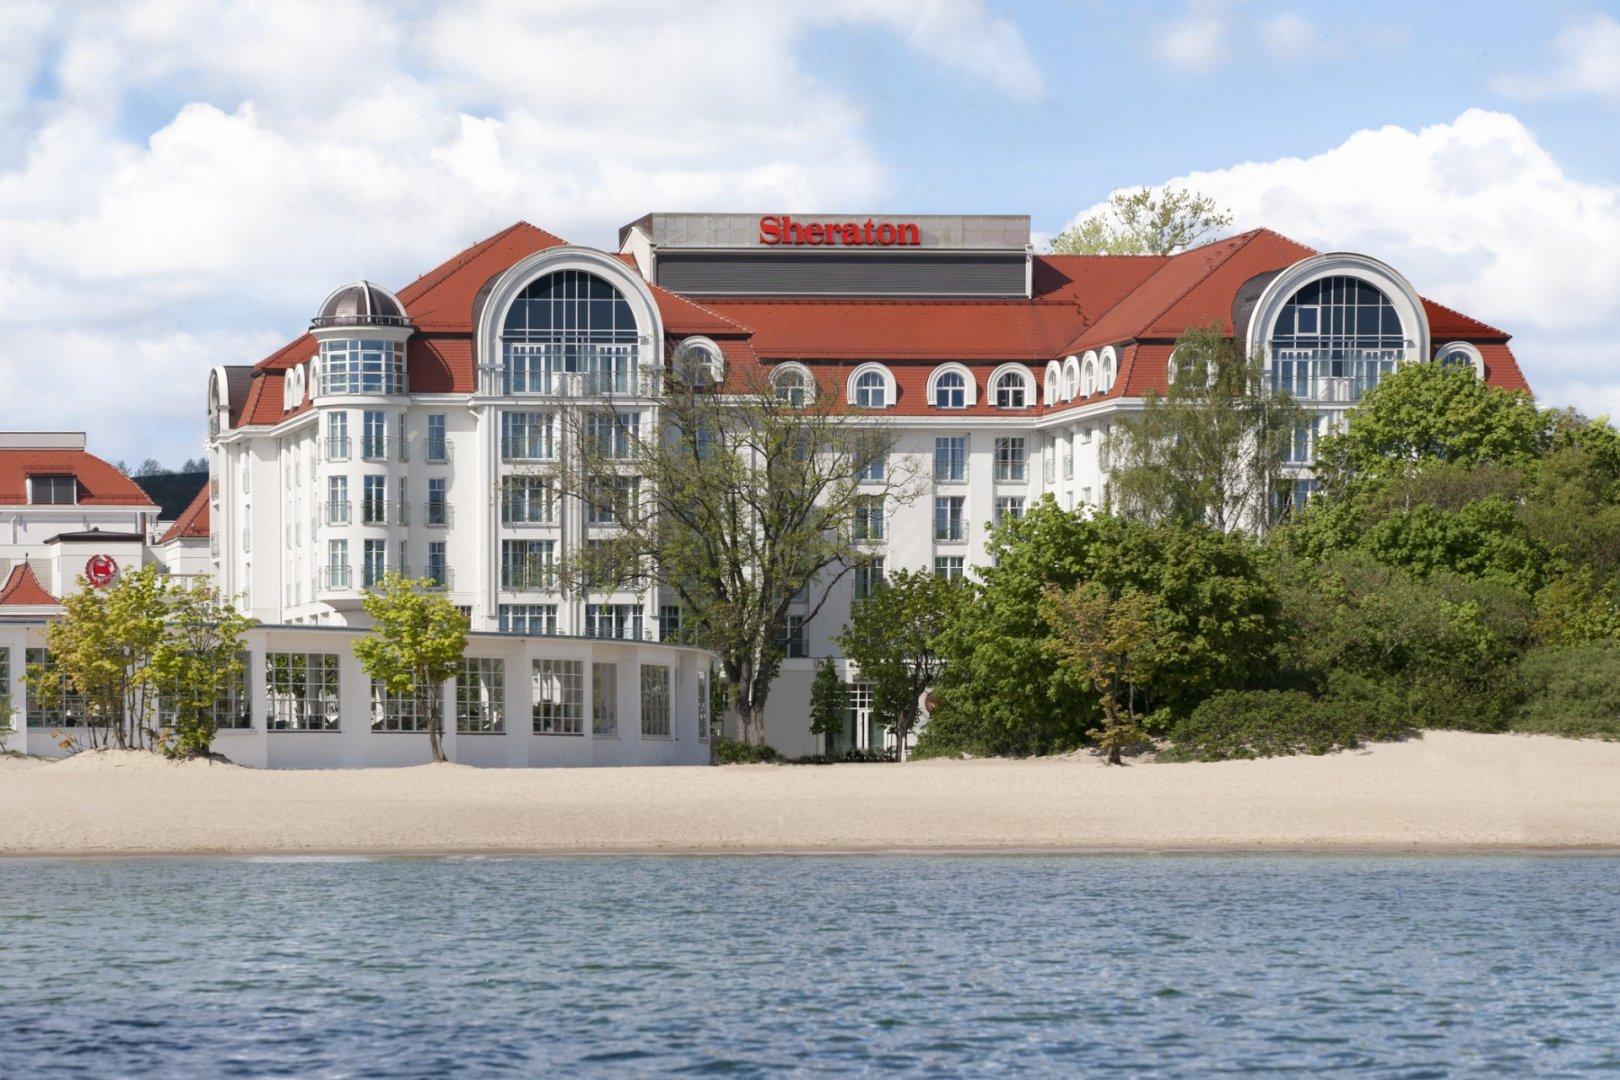 Sheraton Hotel - Sopot